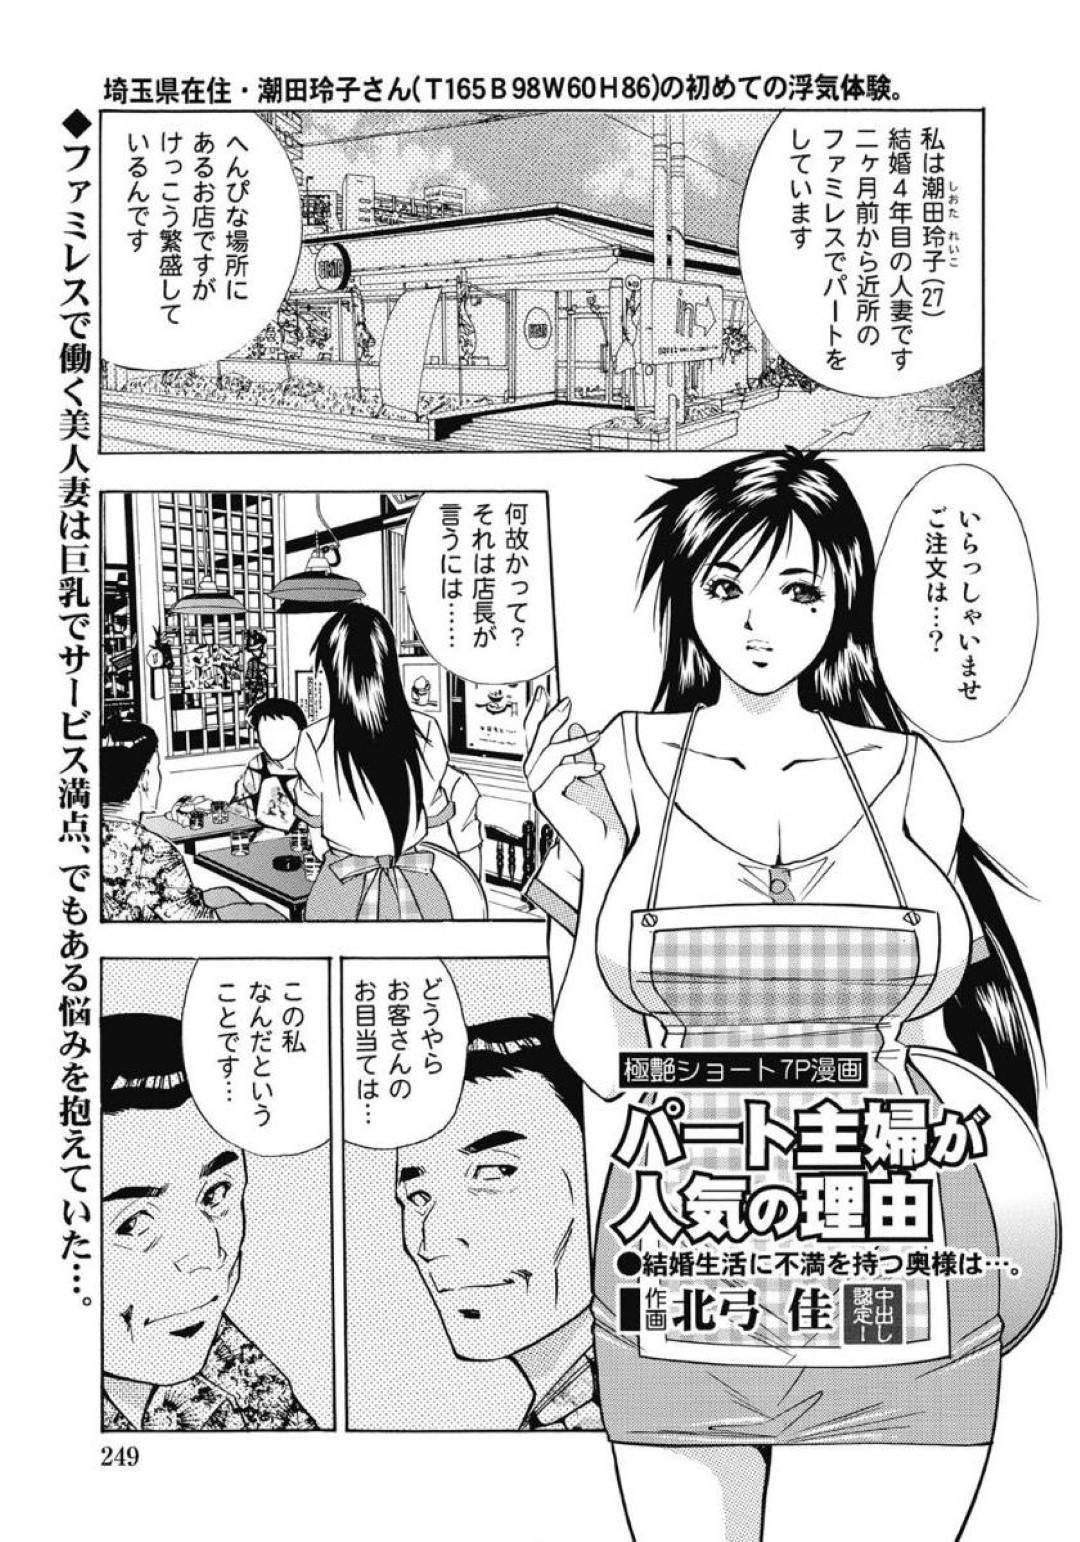 【エロ漫画】お客さんに狙われている魔性の人妻…乳首責めされたりバックの中出しセックスで浮気してトロ顔になっちゃう!【北弓佳:パート主婦が人気の理由】